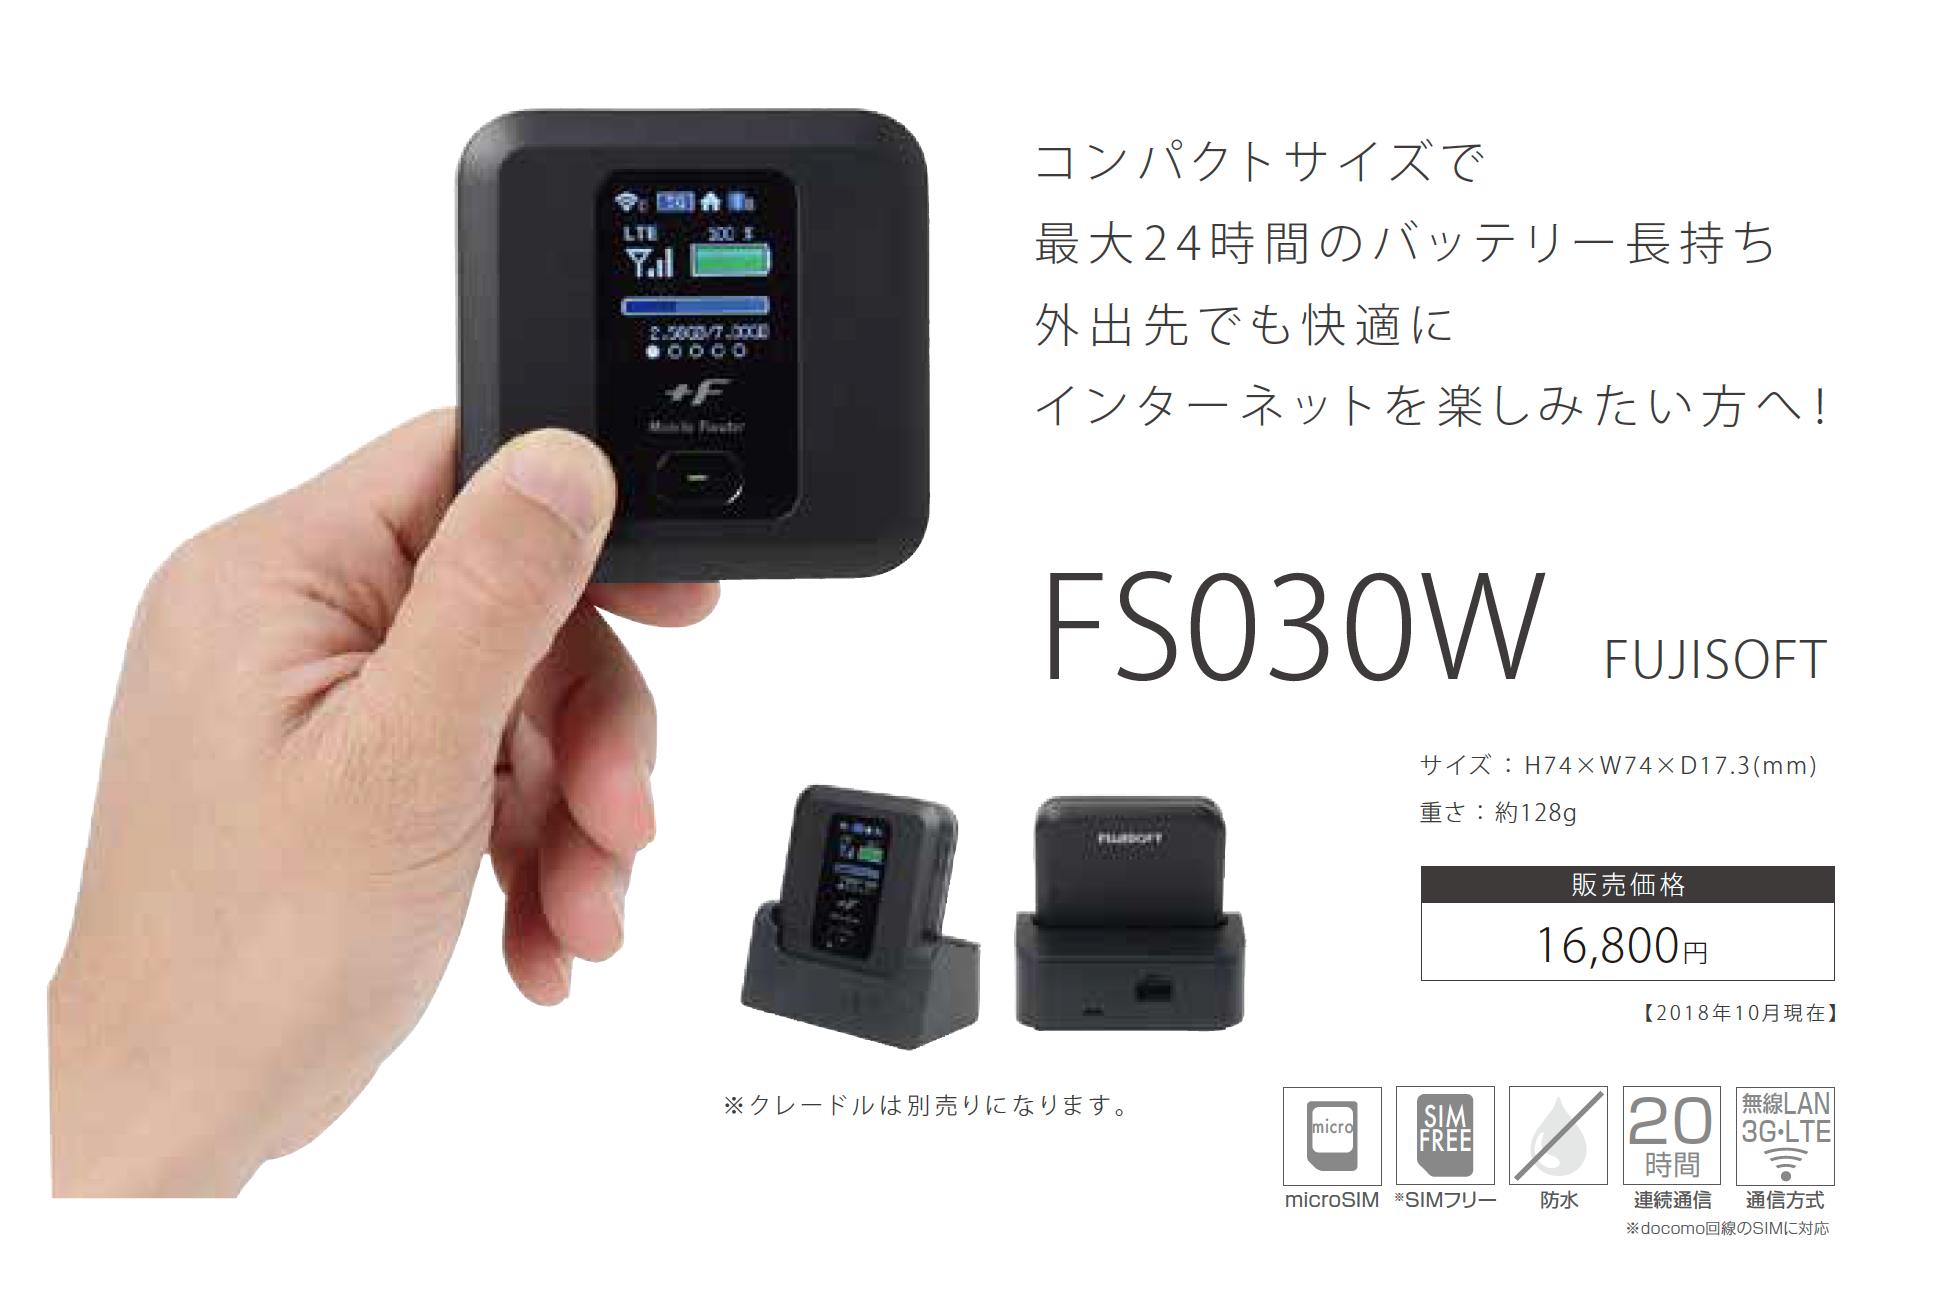 「FS030W」16800円 コンパクトサイズで 最大2 4 時間のバッテリー長持ち 外出先でも快適に インターネットを楽しみたい方へ!